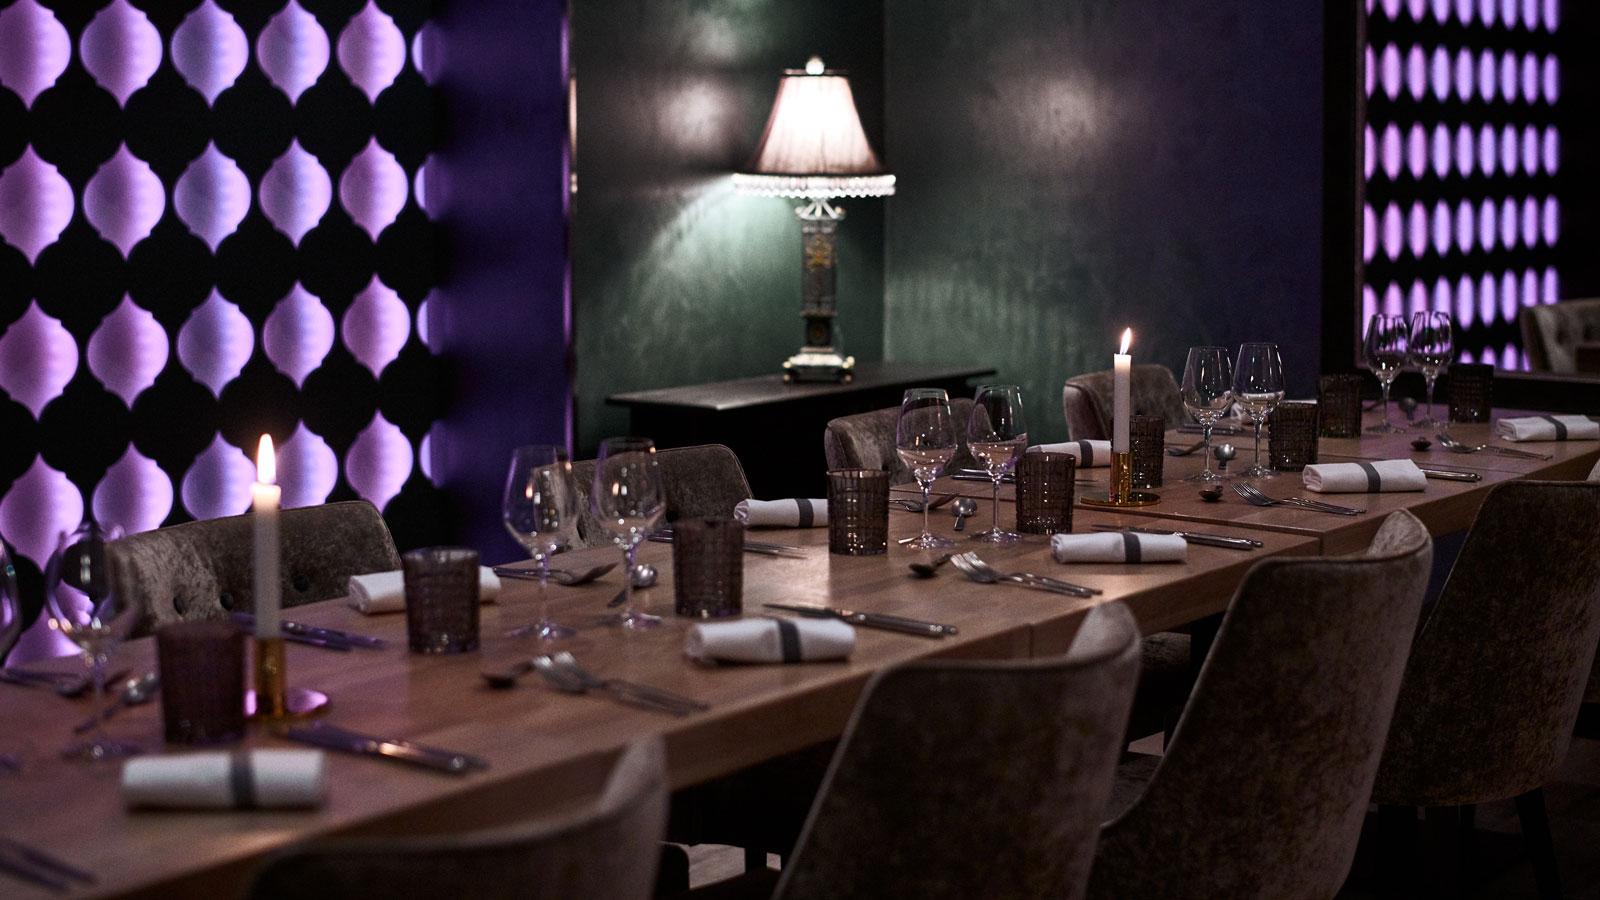 Restaurant table's setting.